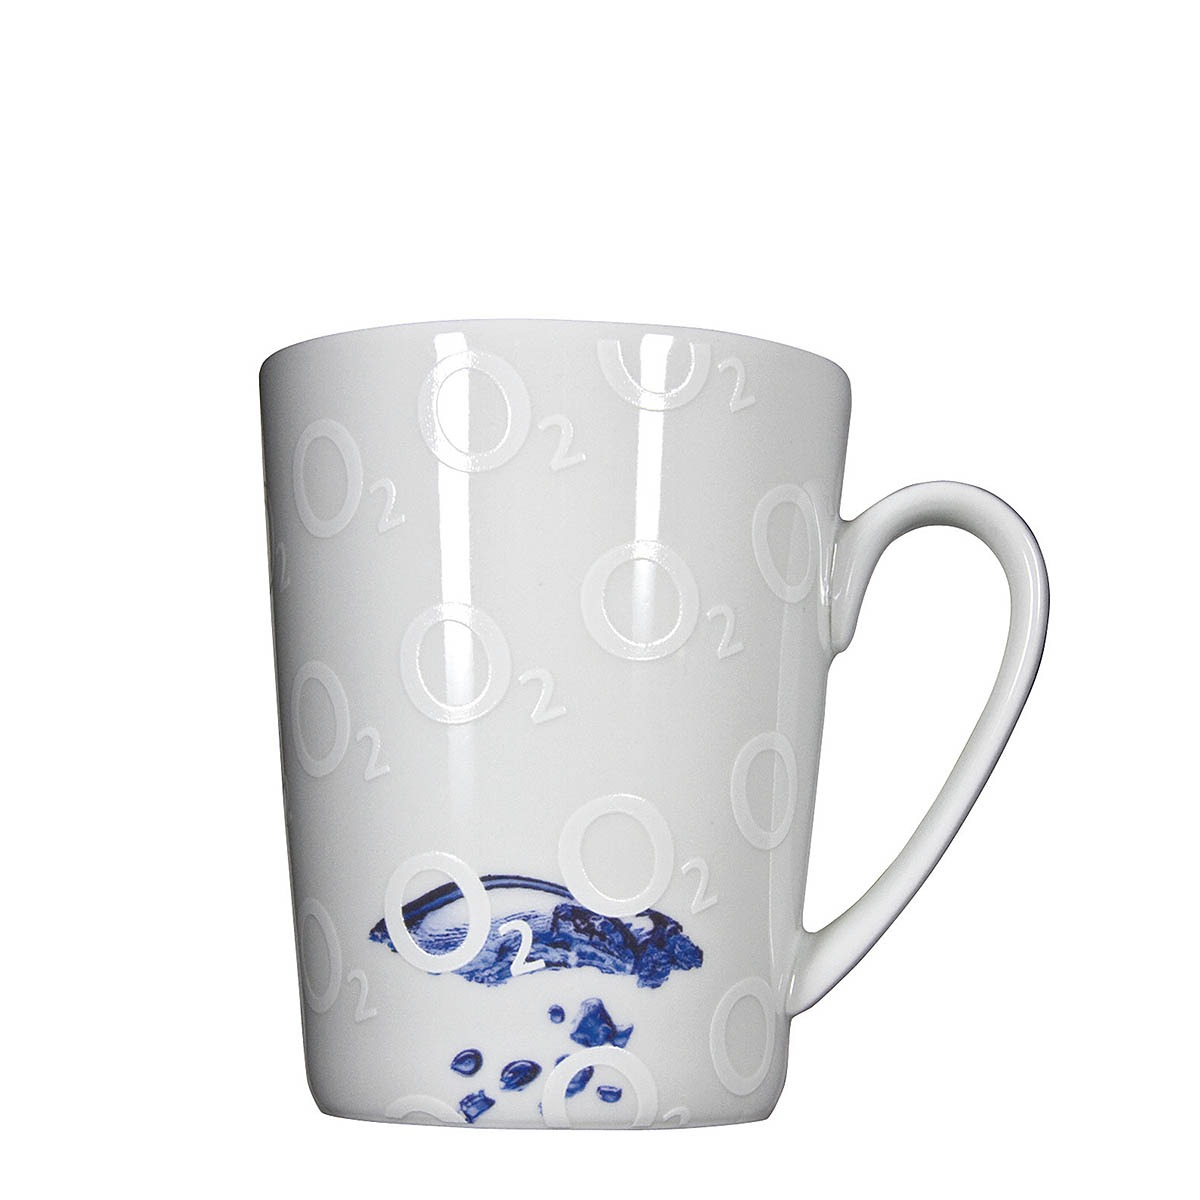 Nett Teetasse Vorlage Fotos - Beispiel Zusammenfassung ...